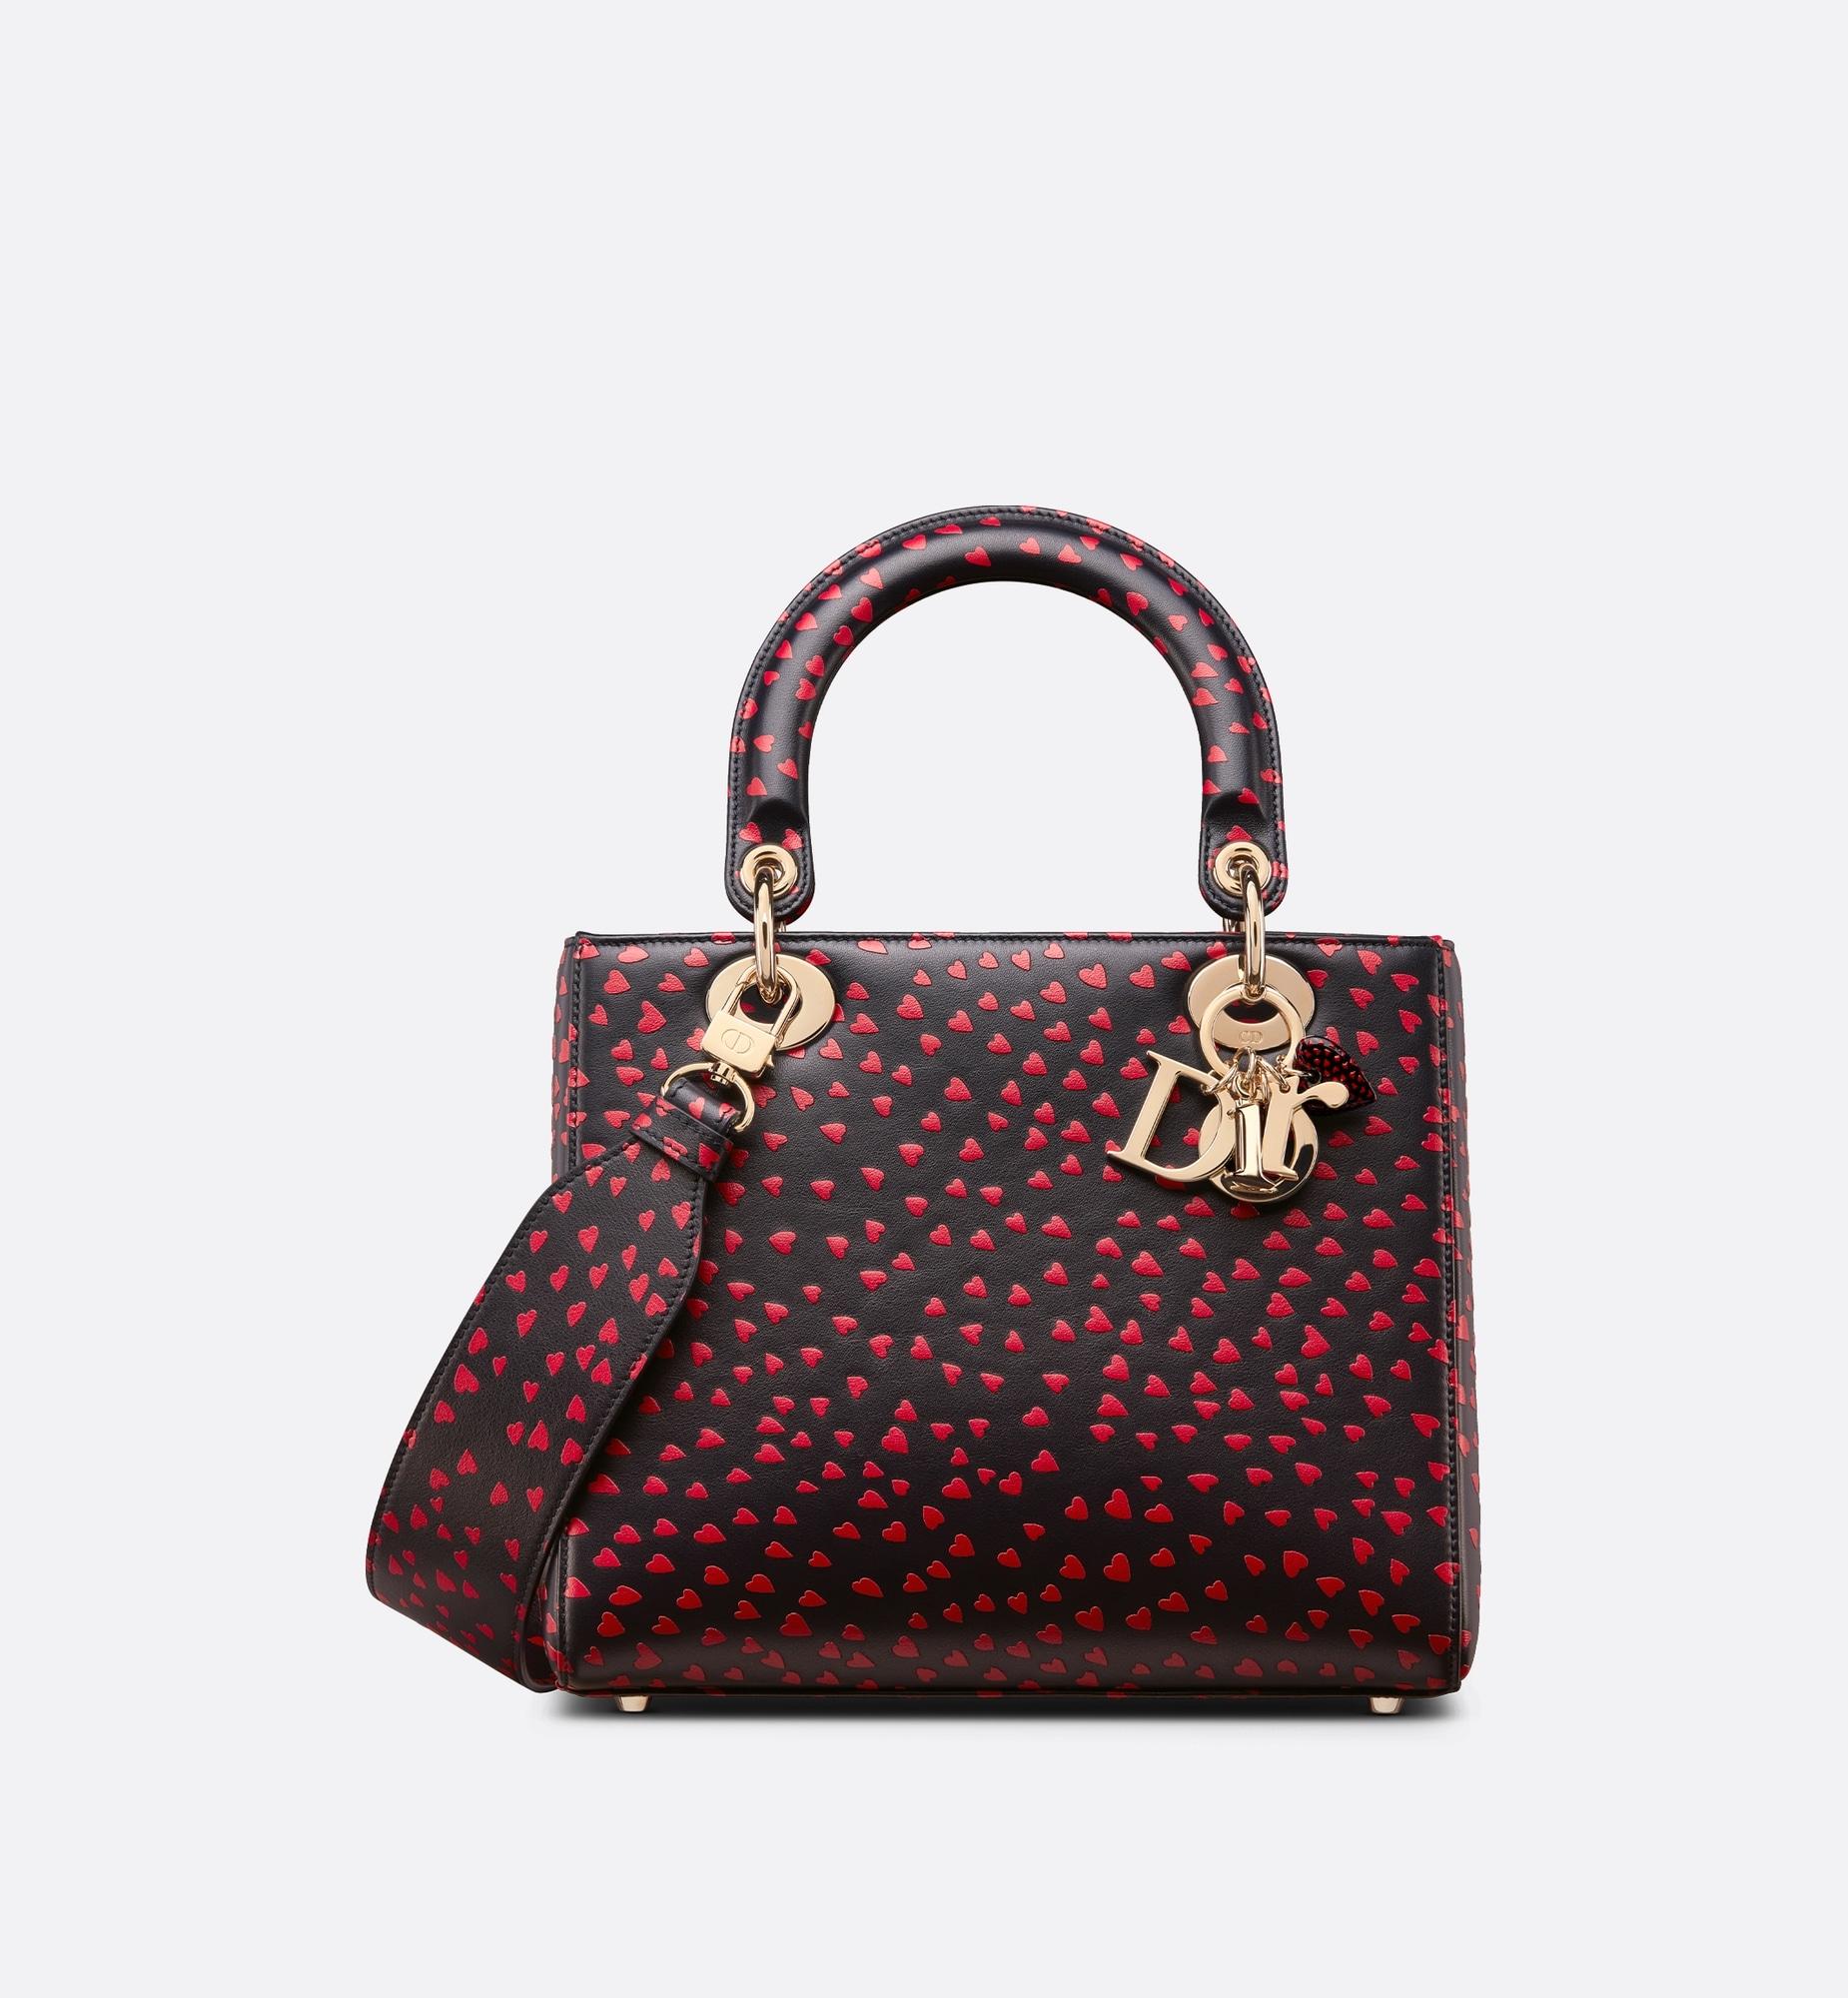 mittelgroße lady dior tasche | Dior aria_frontView